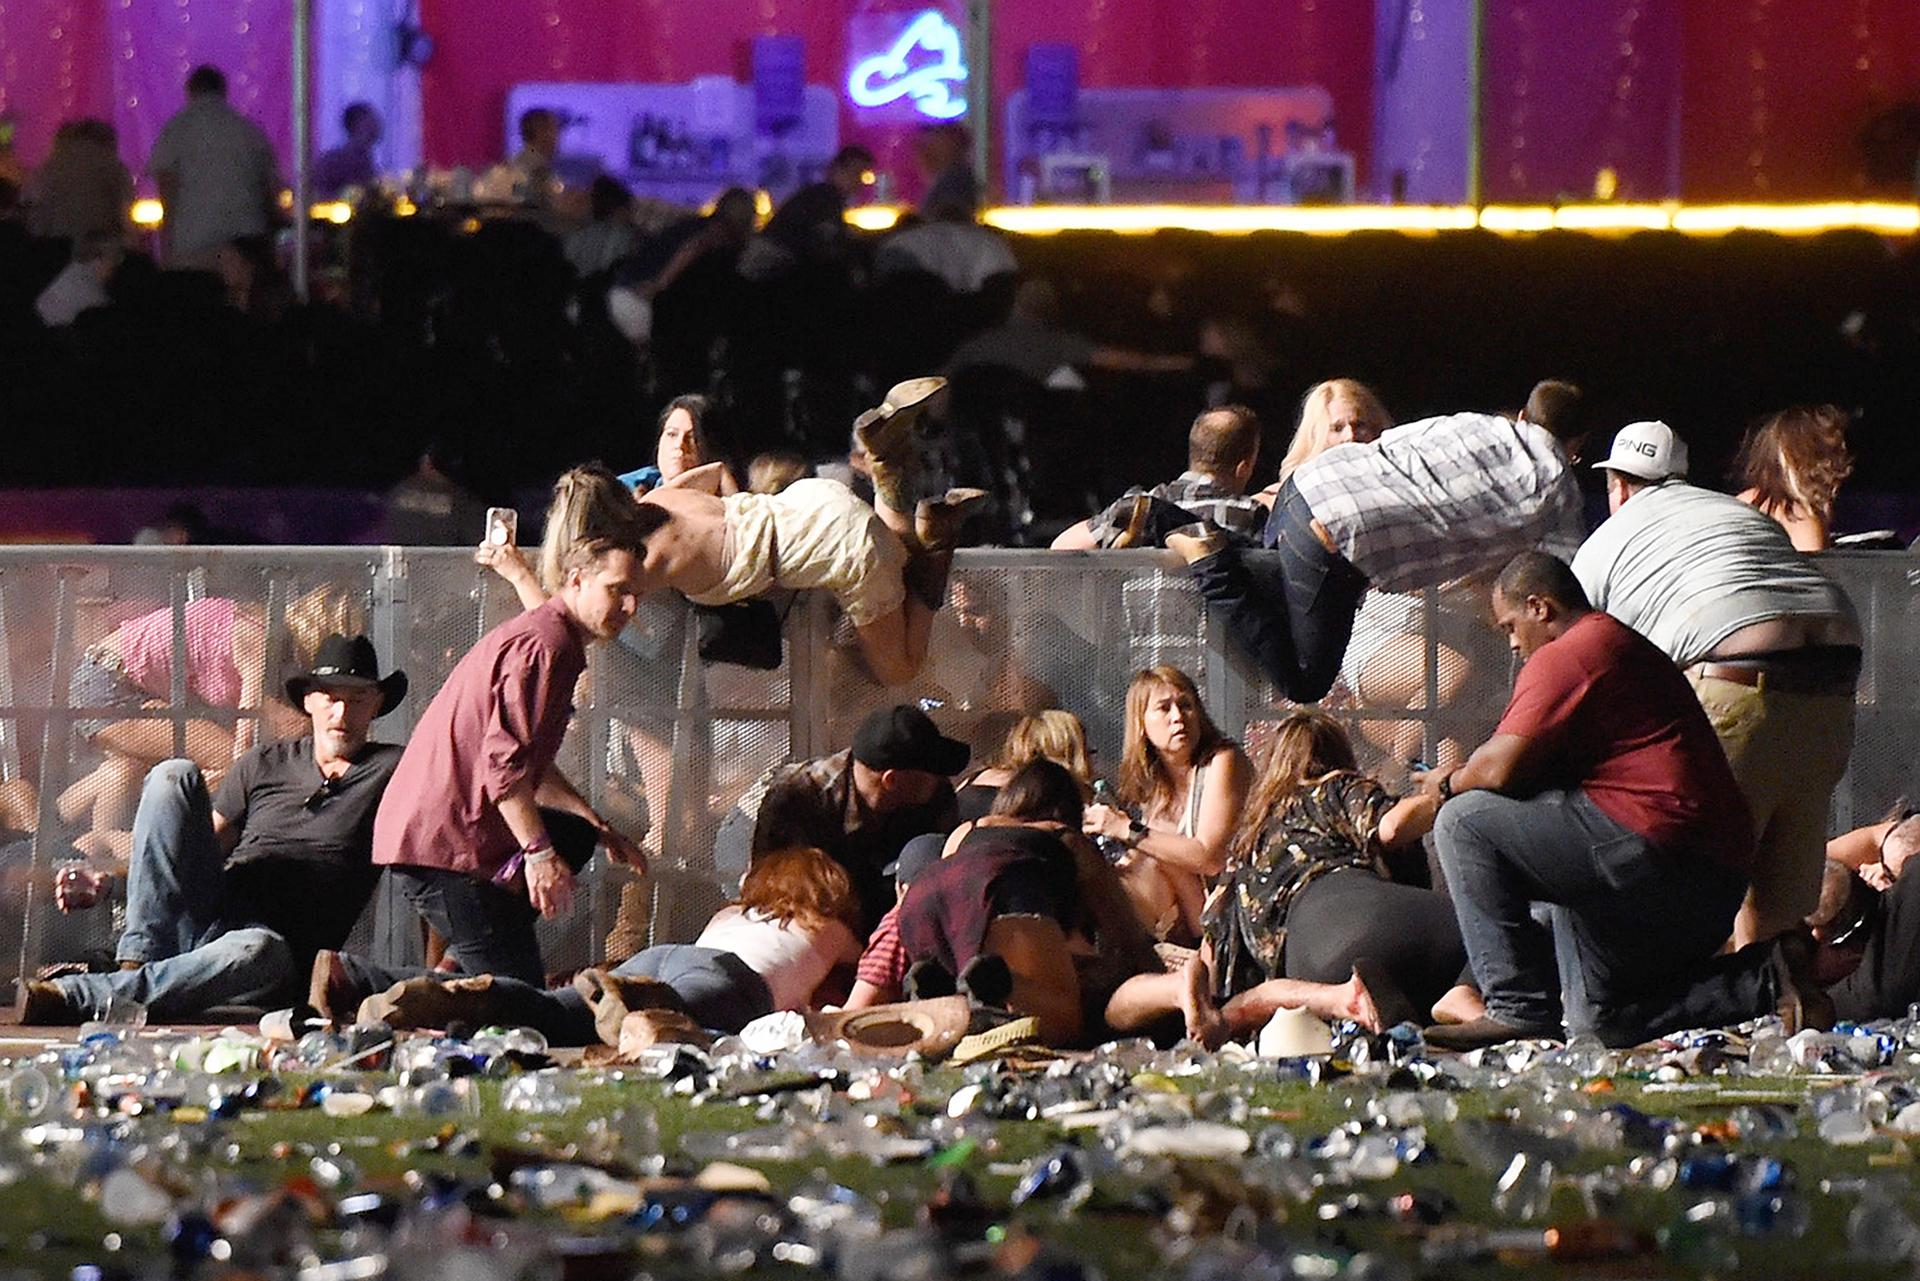 Los asistentes al festival de música country buscan refugio después de que se comenzaron a oír los disparos